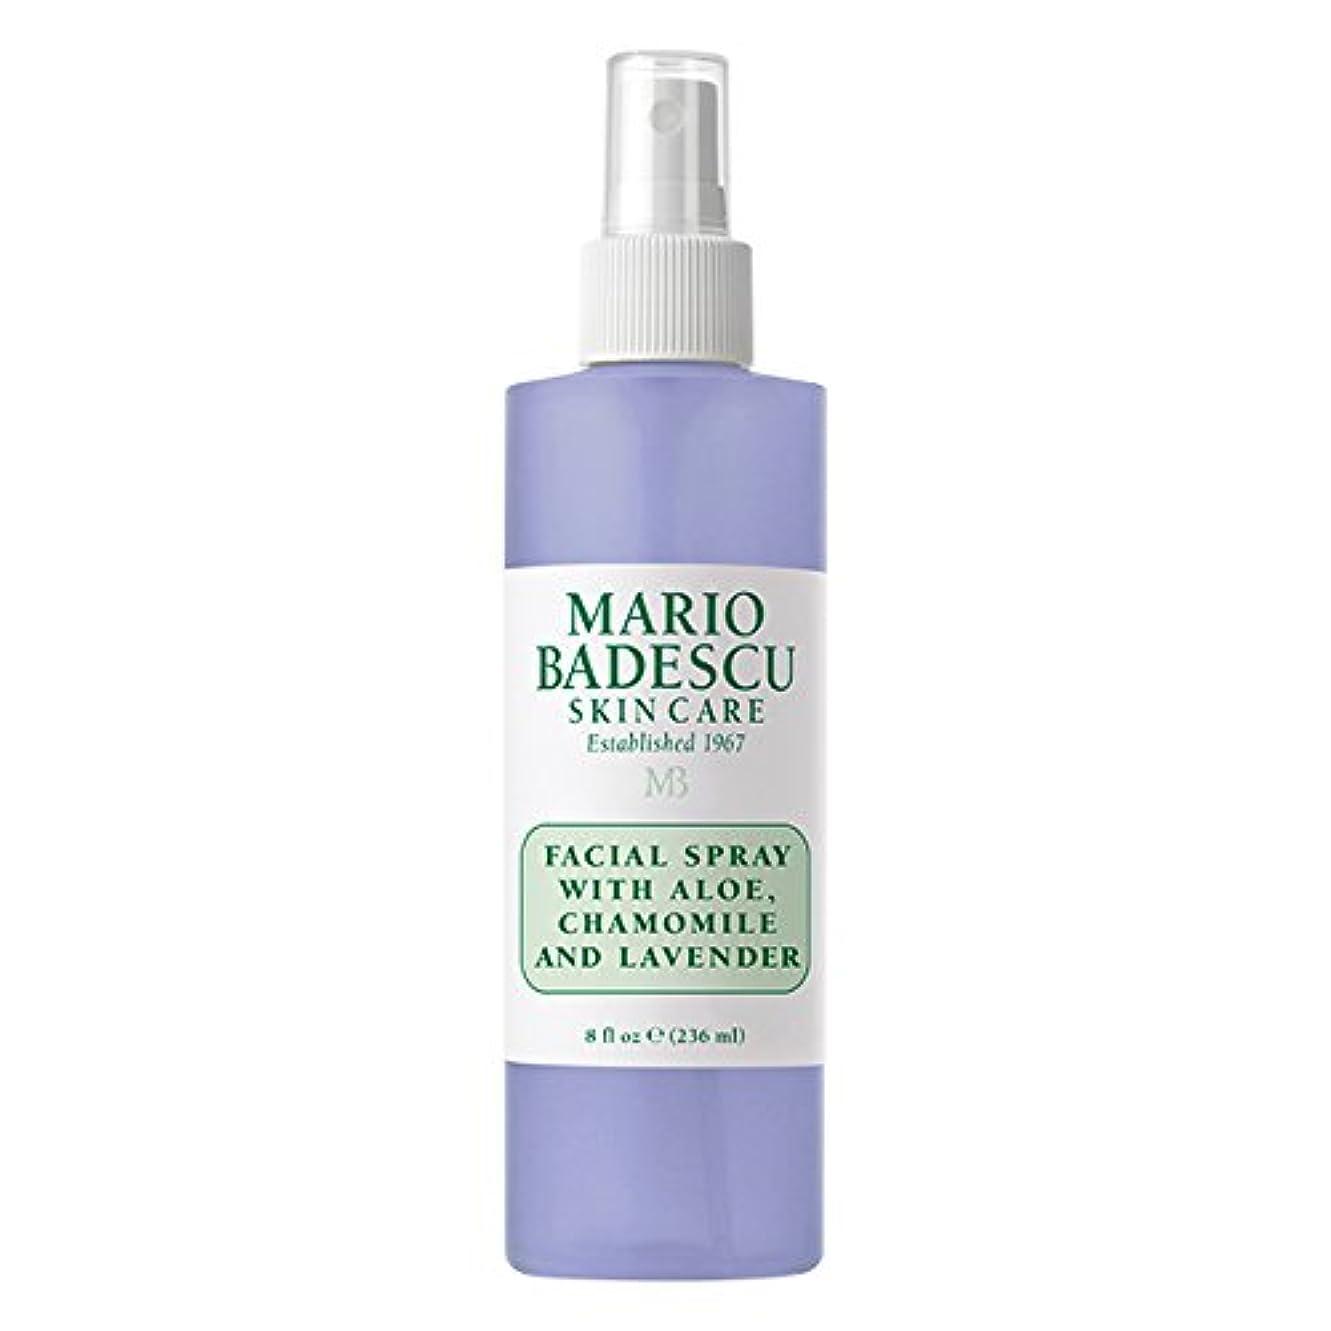 砲撃ケニア共役マリオ バデスク Facial Spray With Aloe, Chamomile & Lavender 236ml/8oz並行輸入品